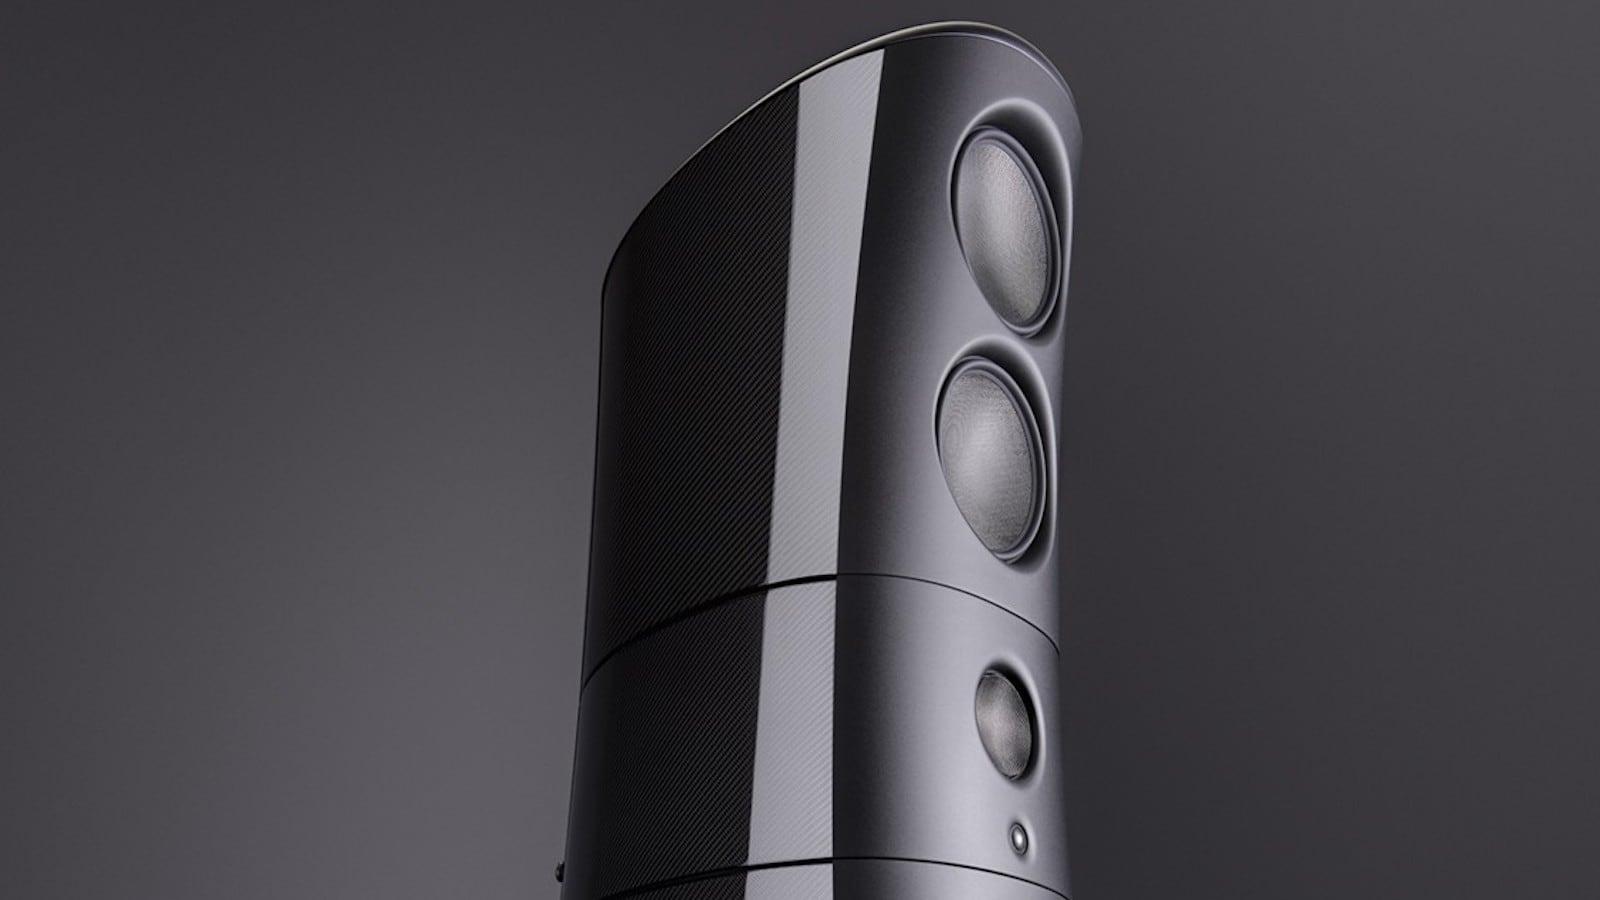 Magico M9 Carbon Fiber Loudspeaker limits vibrations while delivering excellent sound